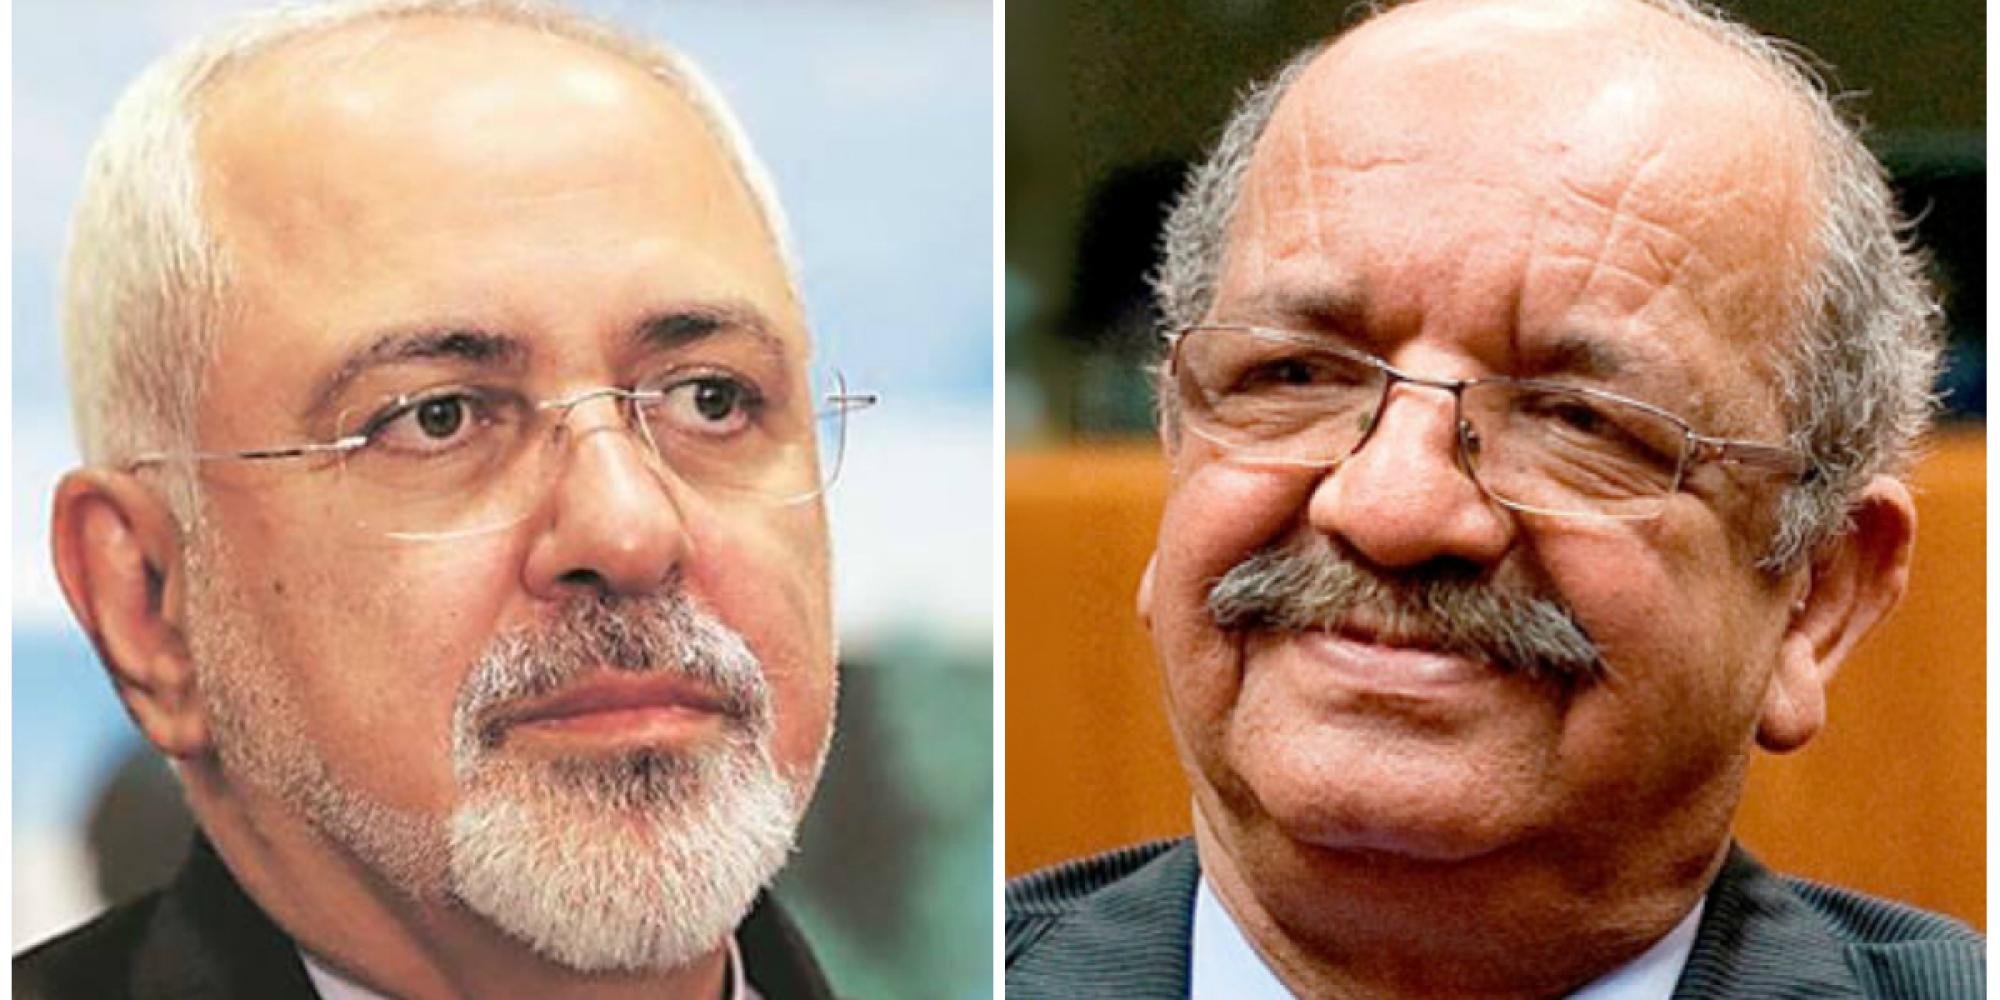 صحيفة إيطالية: إيران تسعى لتوطيد علاقاتها مع الجزائر.. وعلى السعودية عدم الاستهانة بهذا التقارب